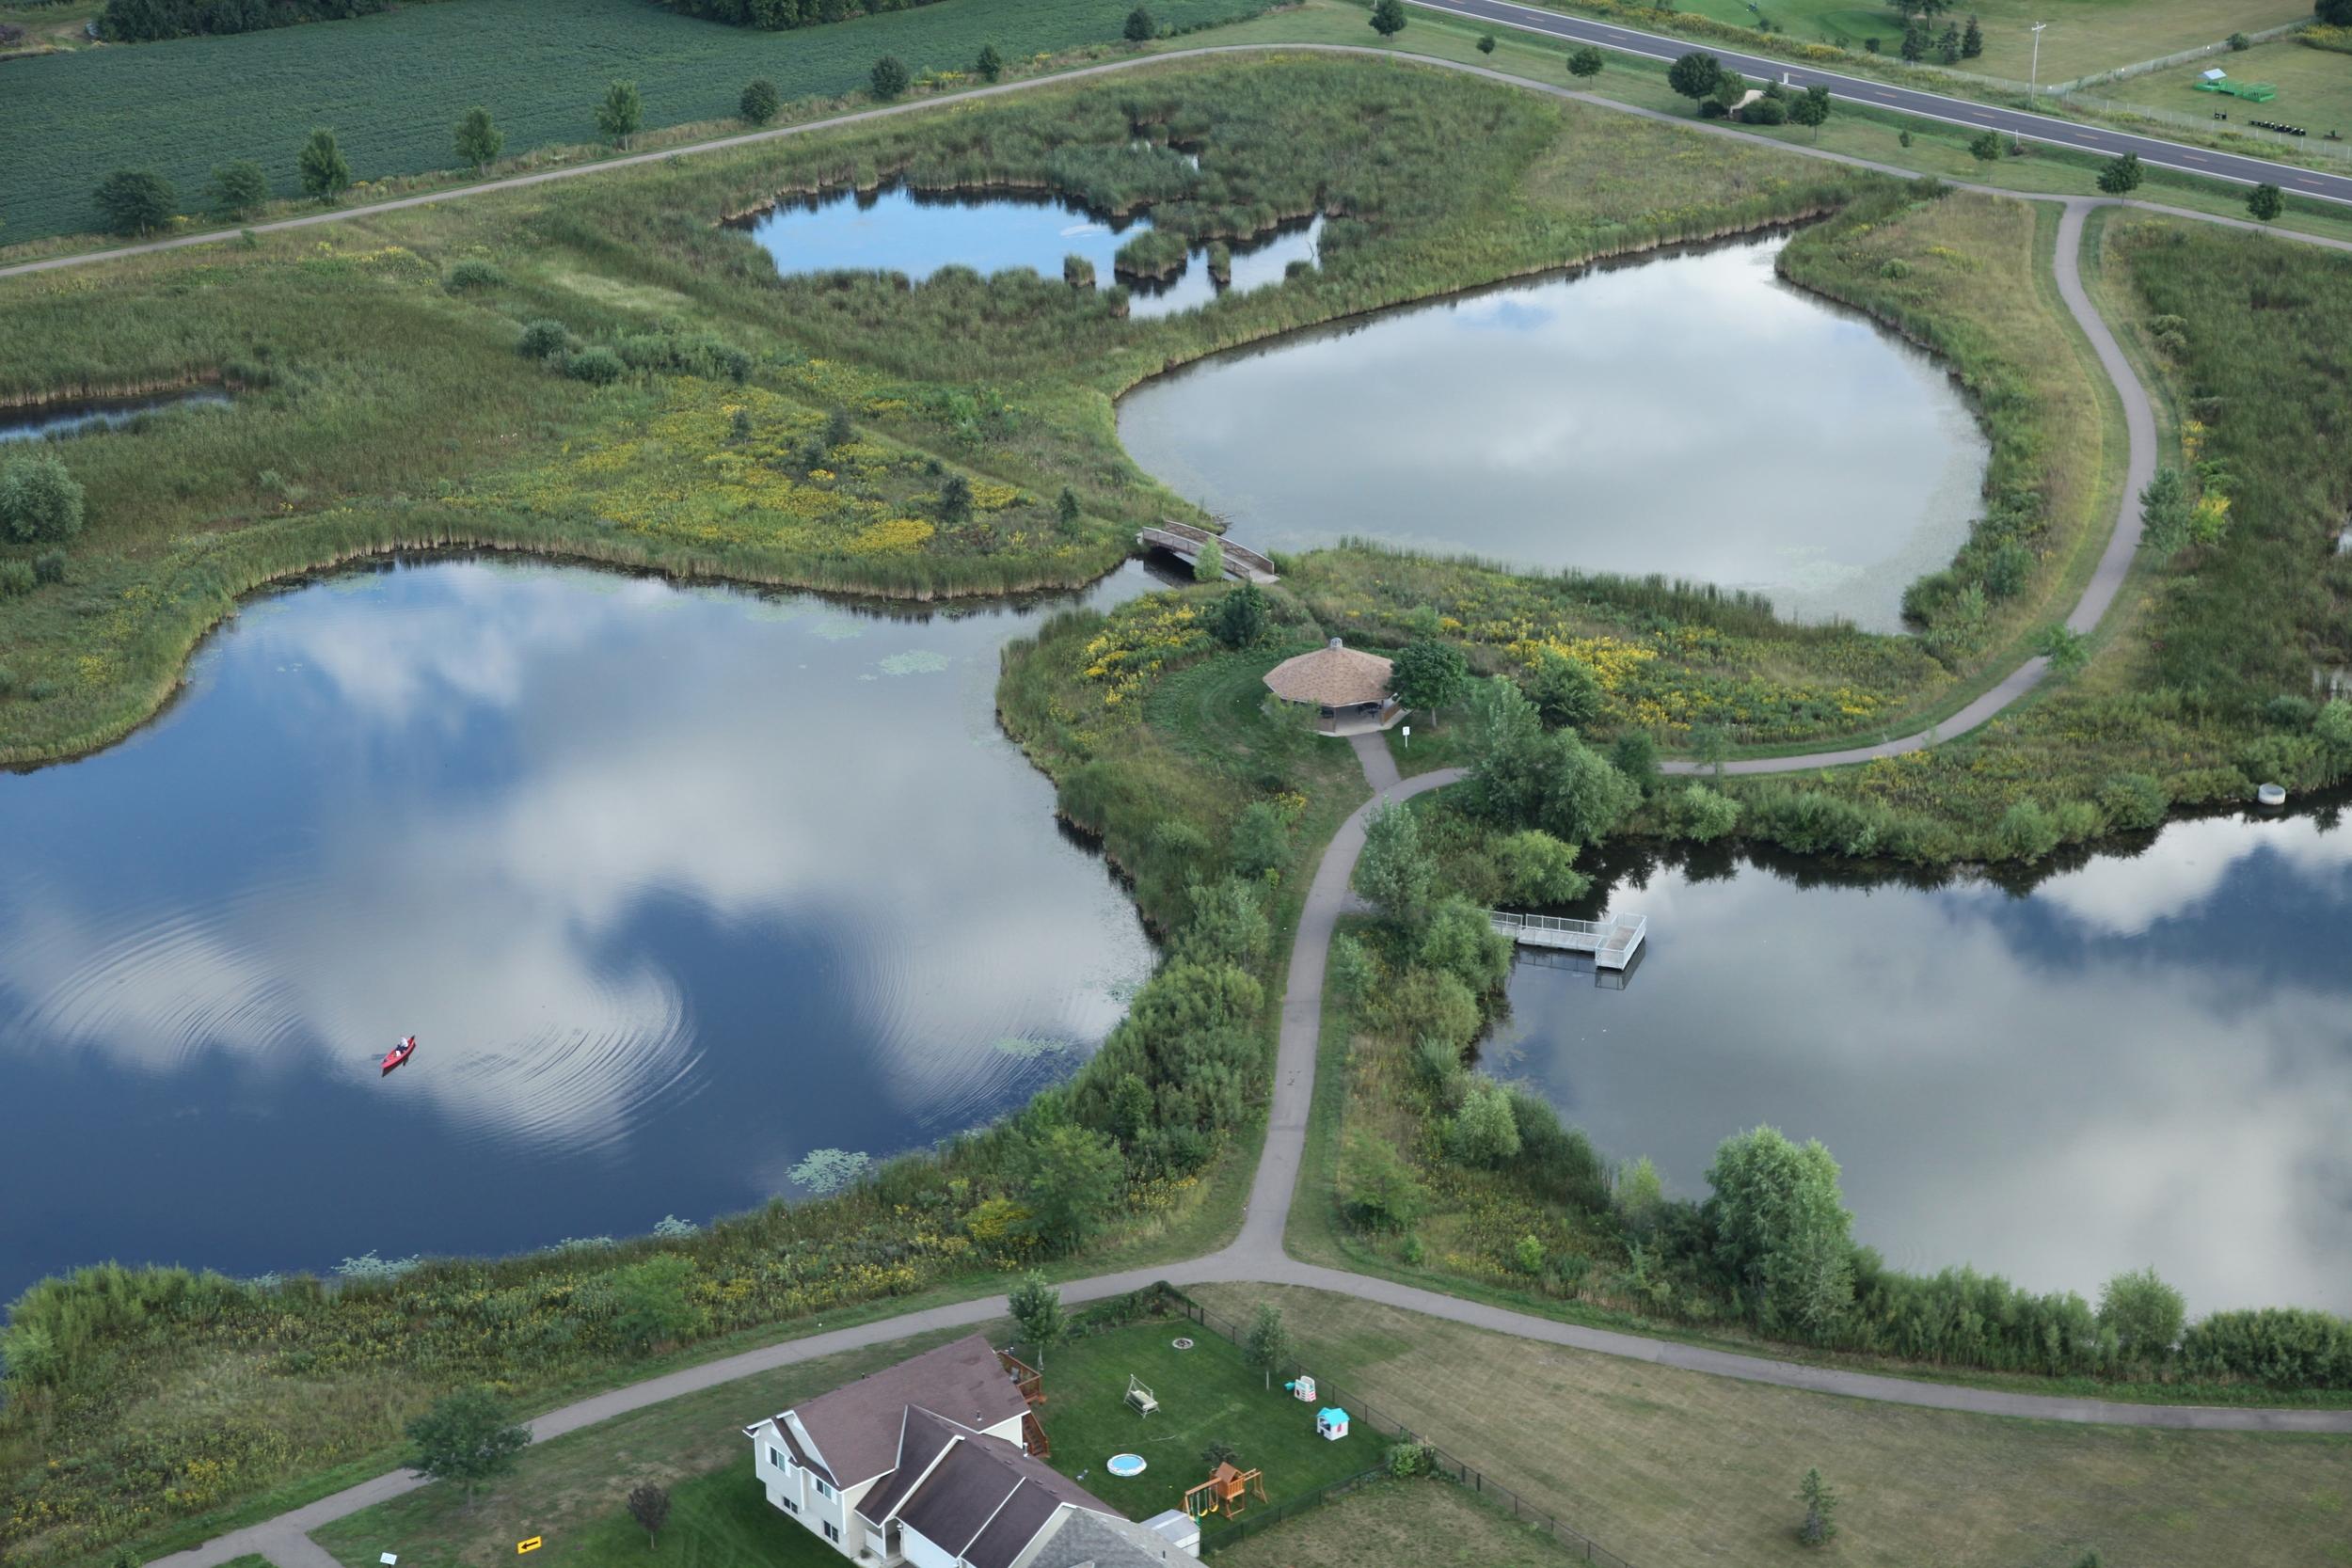 BA_prairiewaterway_photo aerial6.JPG